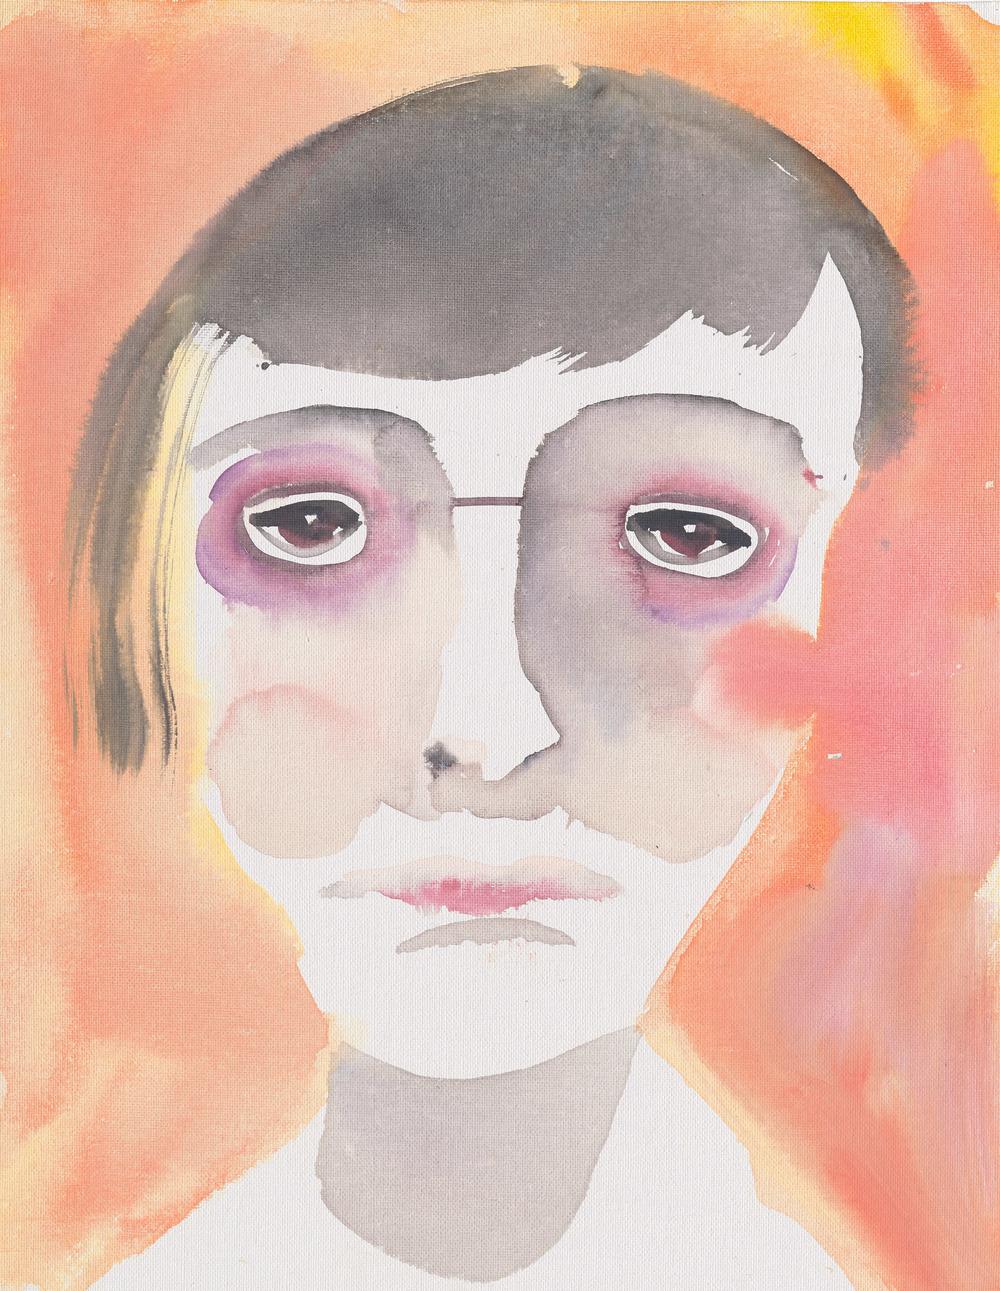 Portrait of a Sunday painter